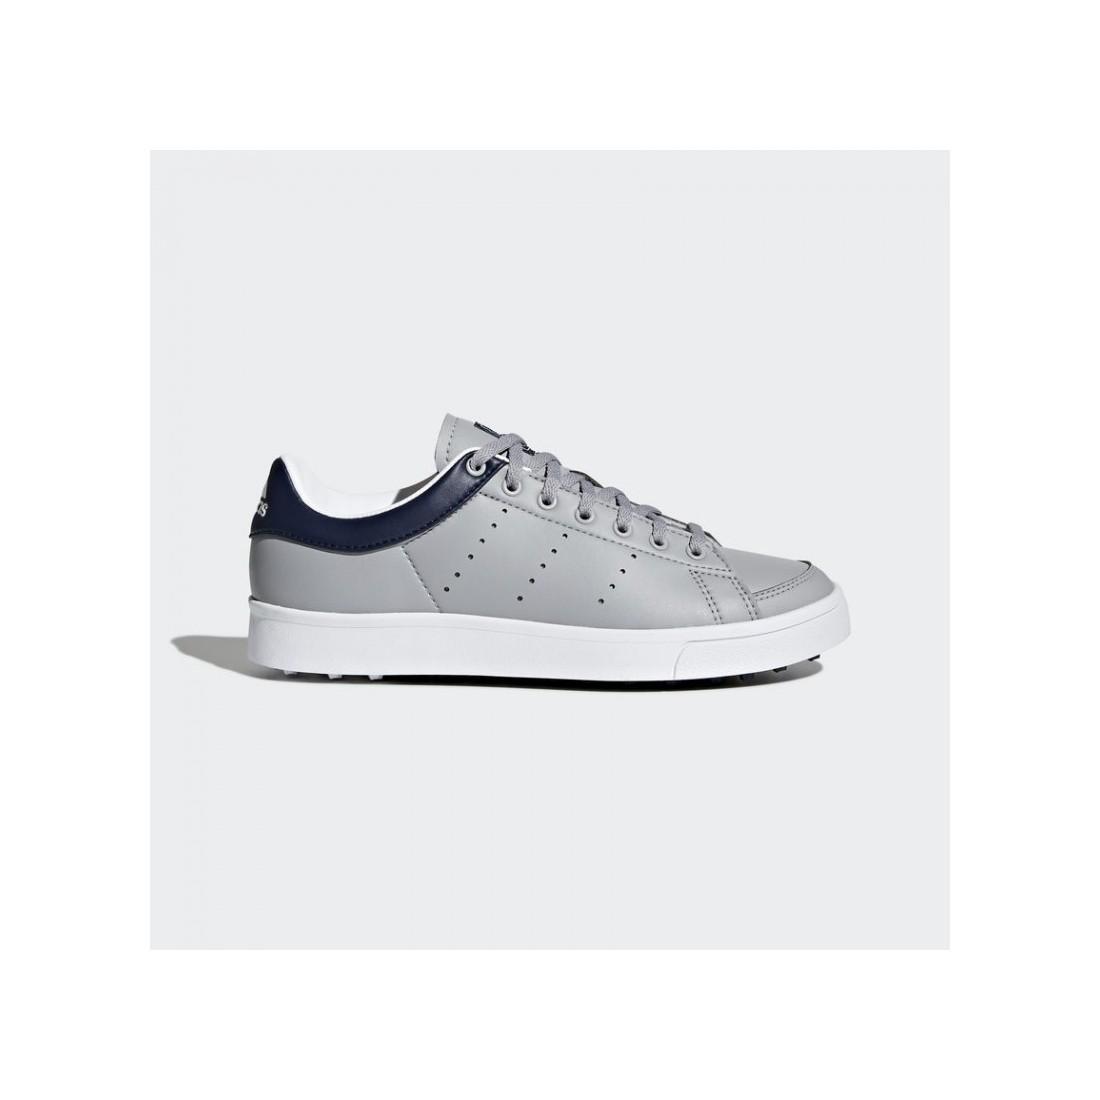 ADIDAS - vente chaussures de golf enfants modèle adicross junior